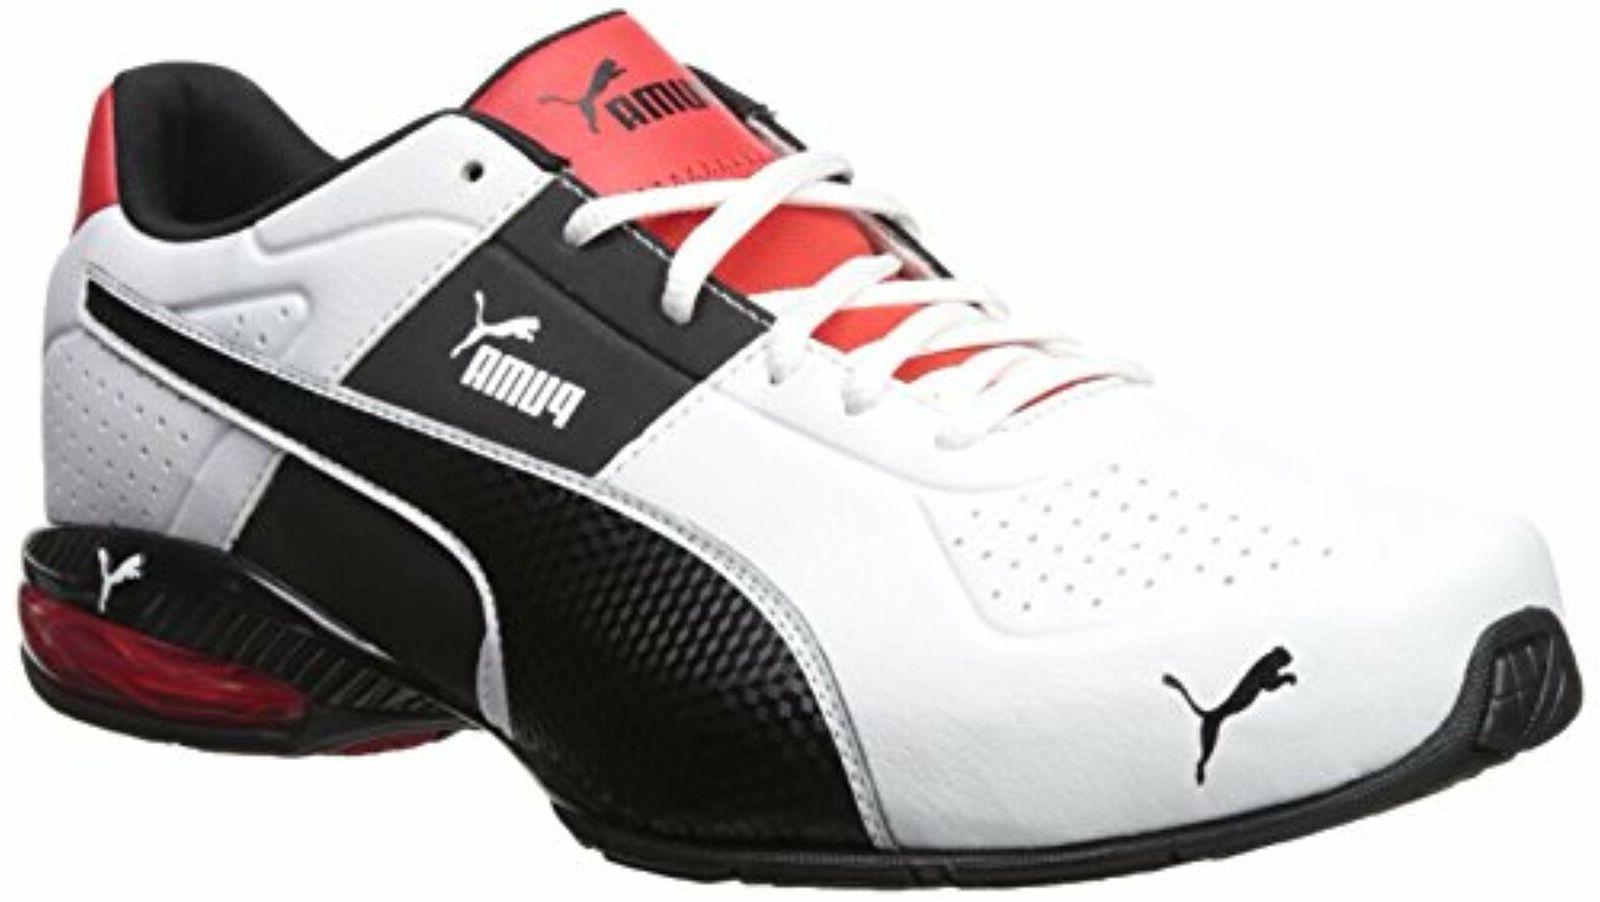 Puma Men's Cell Surin 2 Running Shoes  - 8.5 D